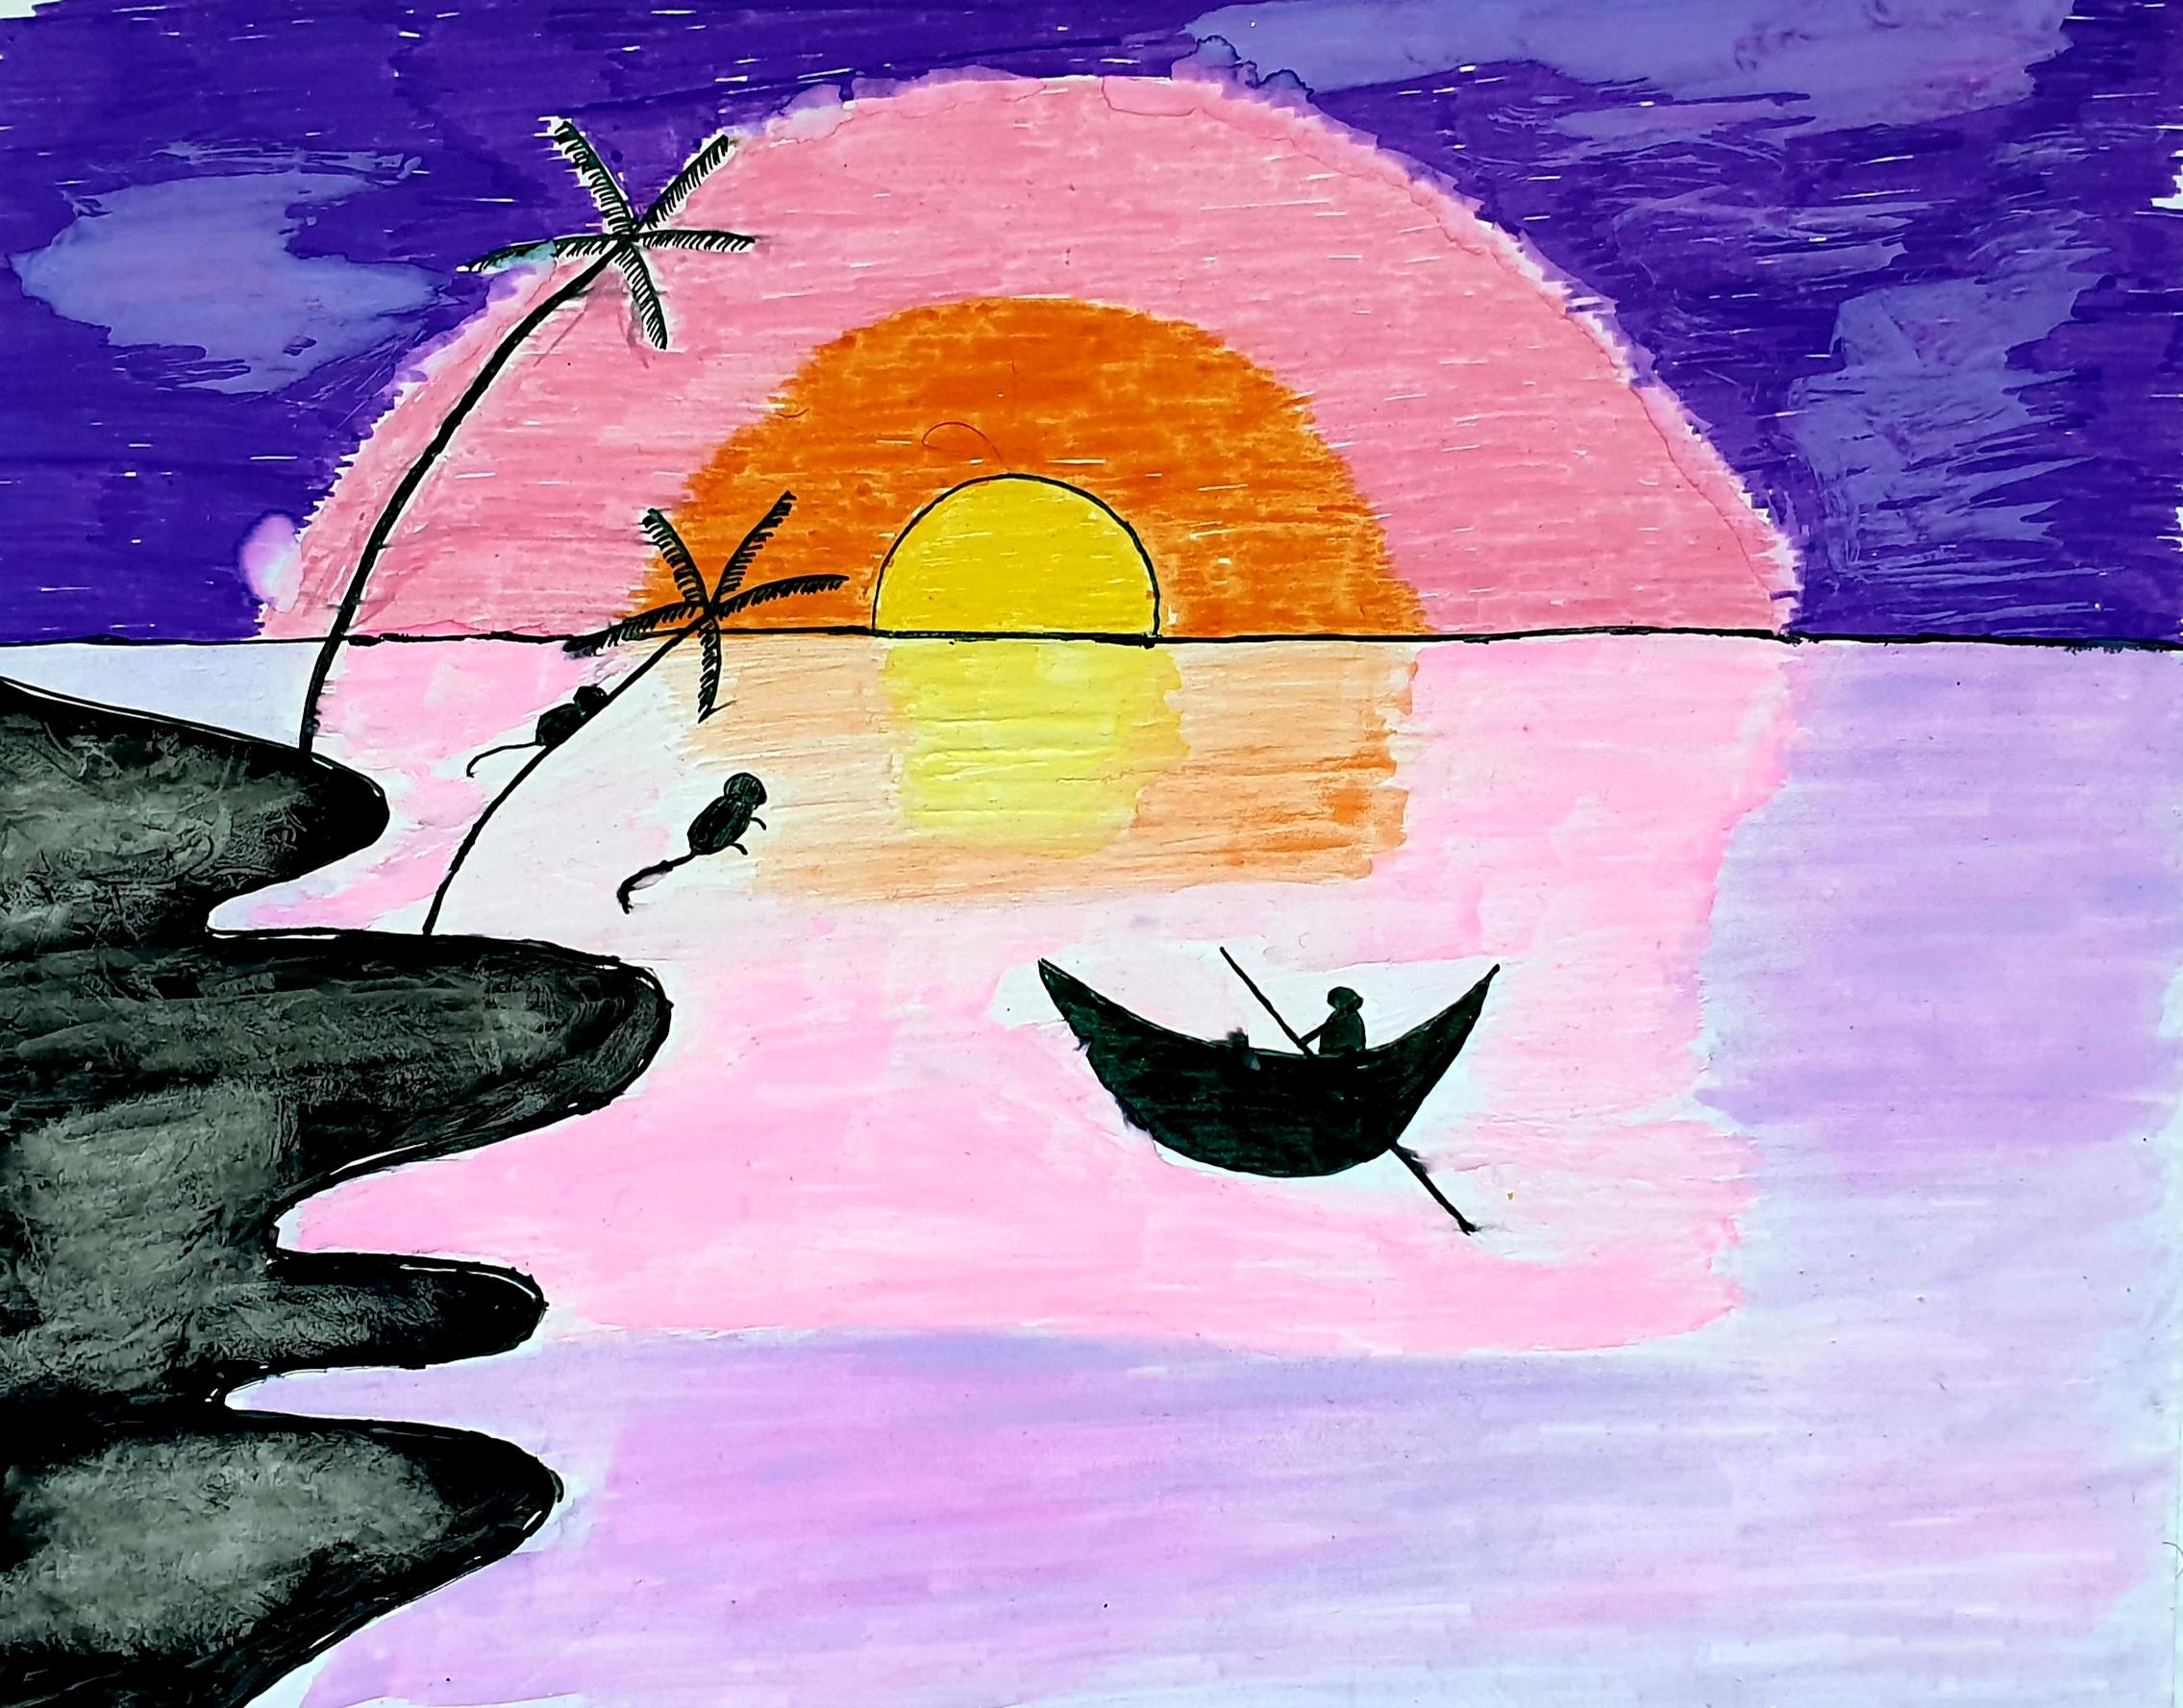 Kayaking At Sunset by Parvati Prajith